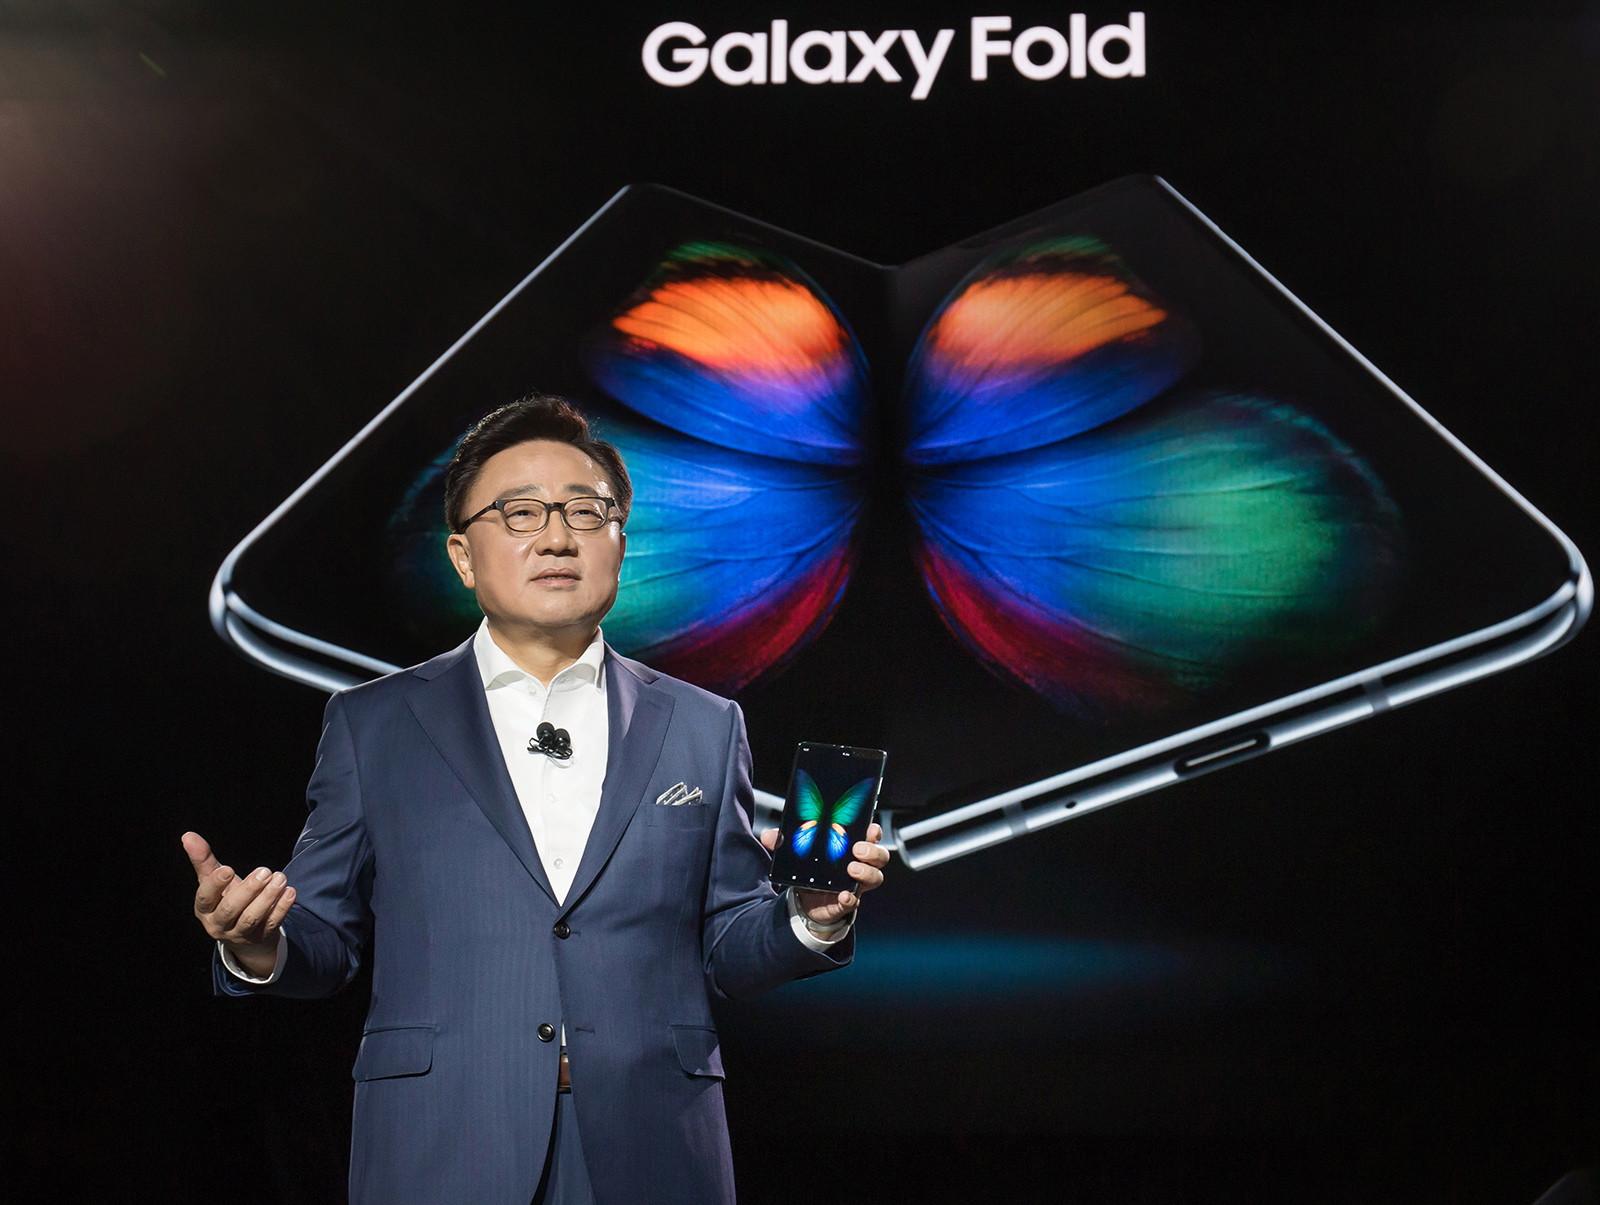 Samsung hat Anfang des Jahres sein eigenes faltbares Smartphone / Tablet-Gadget vorgestellt